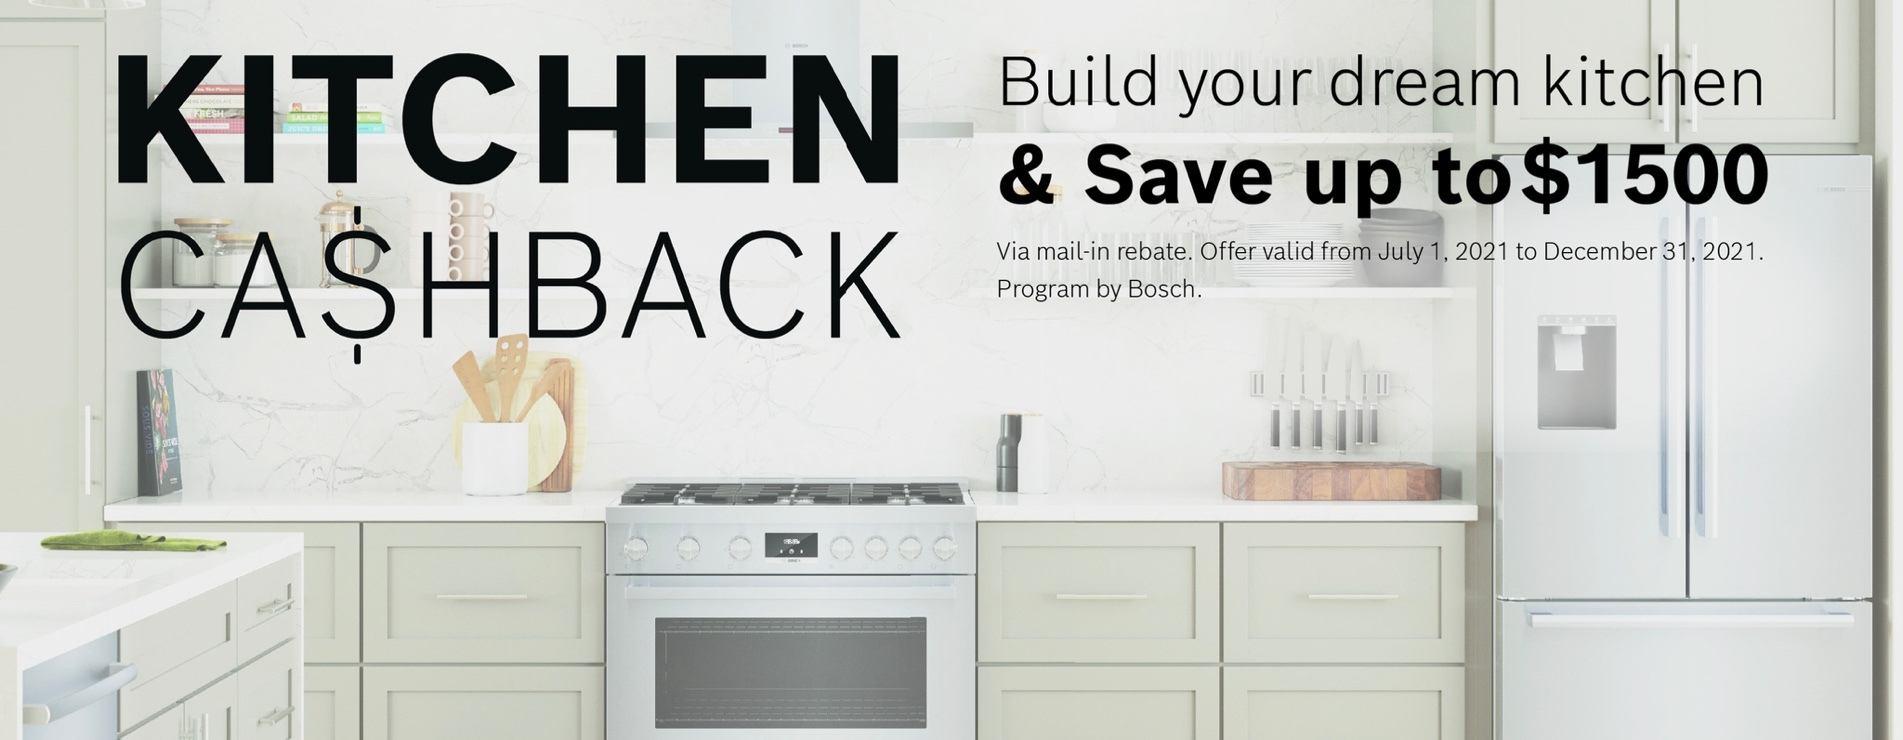 Bosch Kitchen Cashback